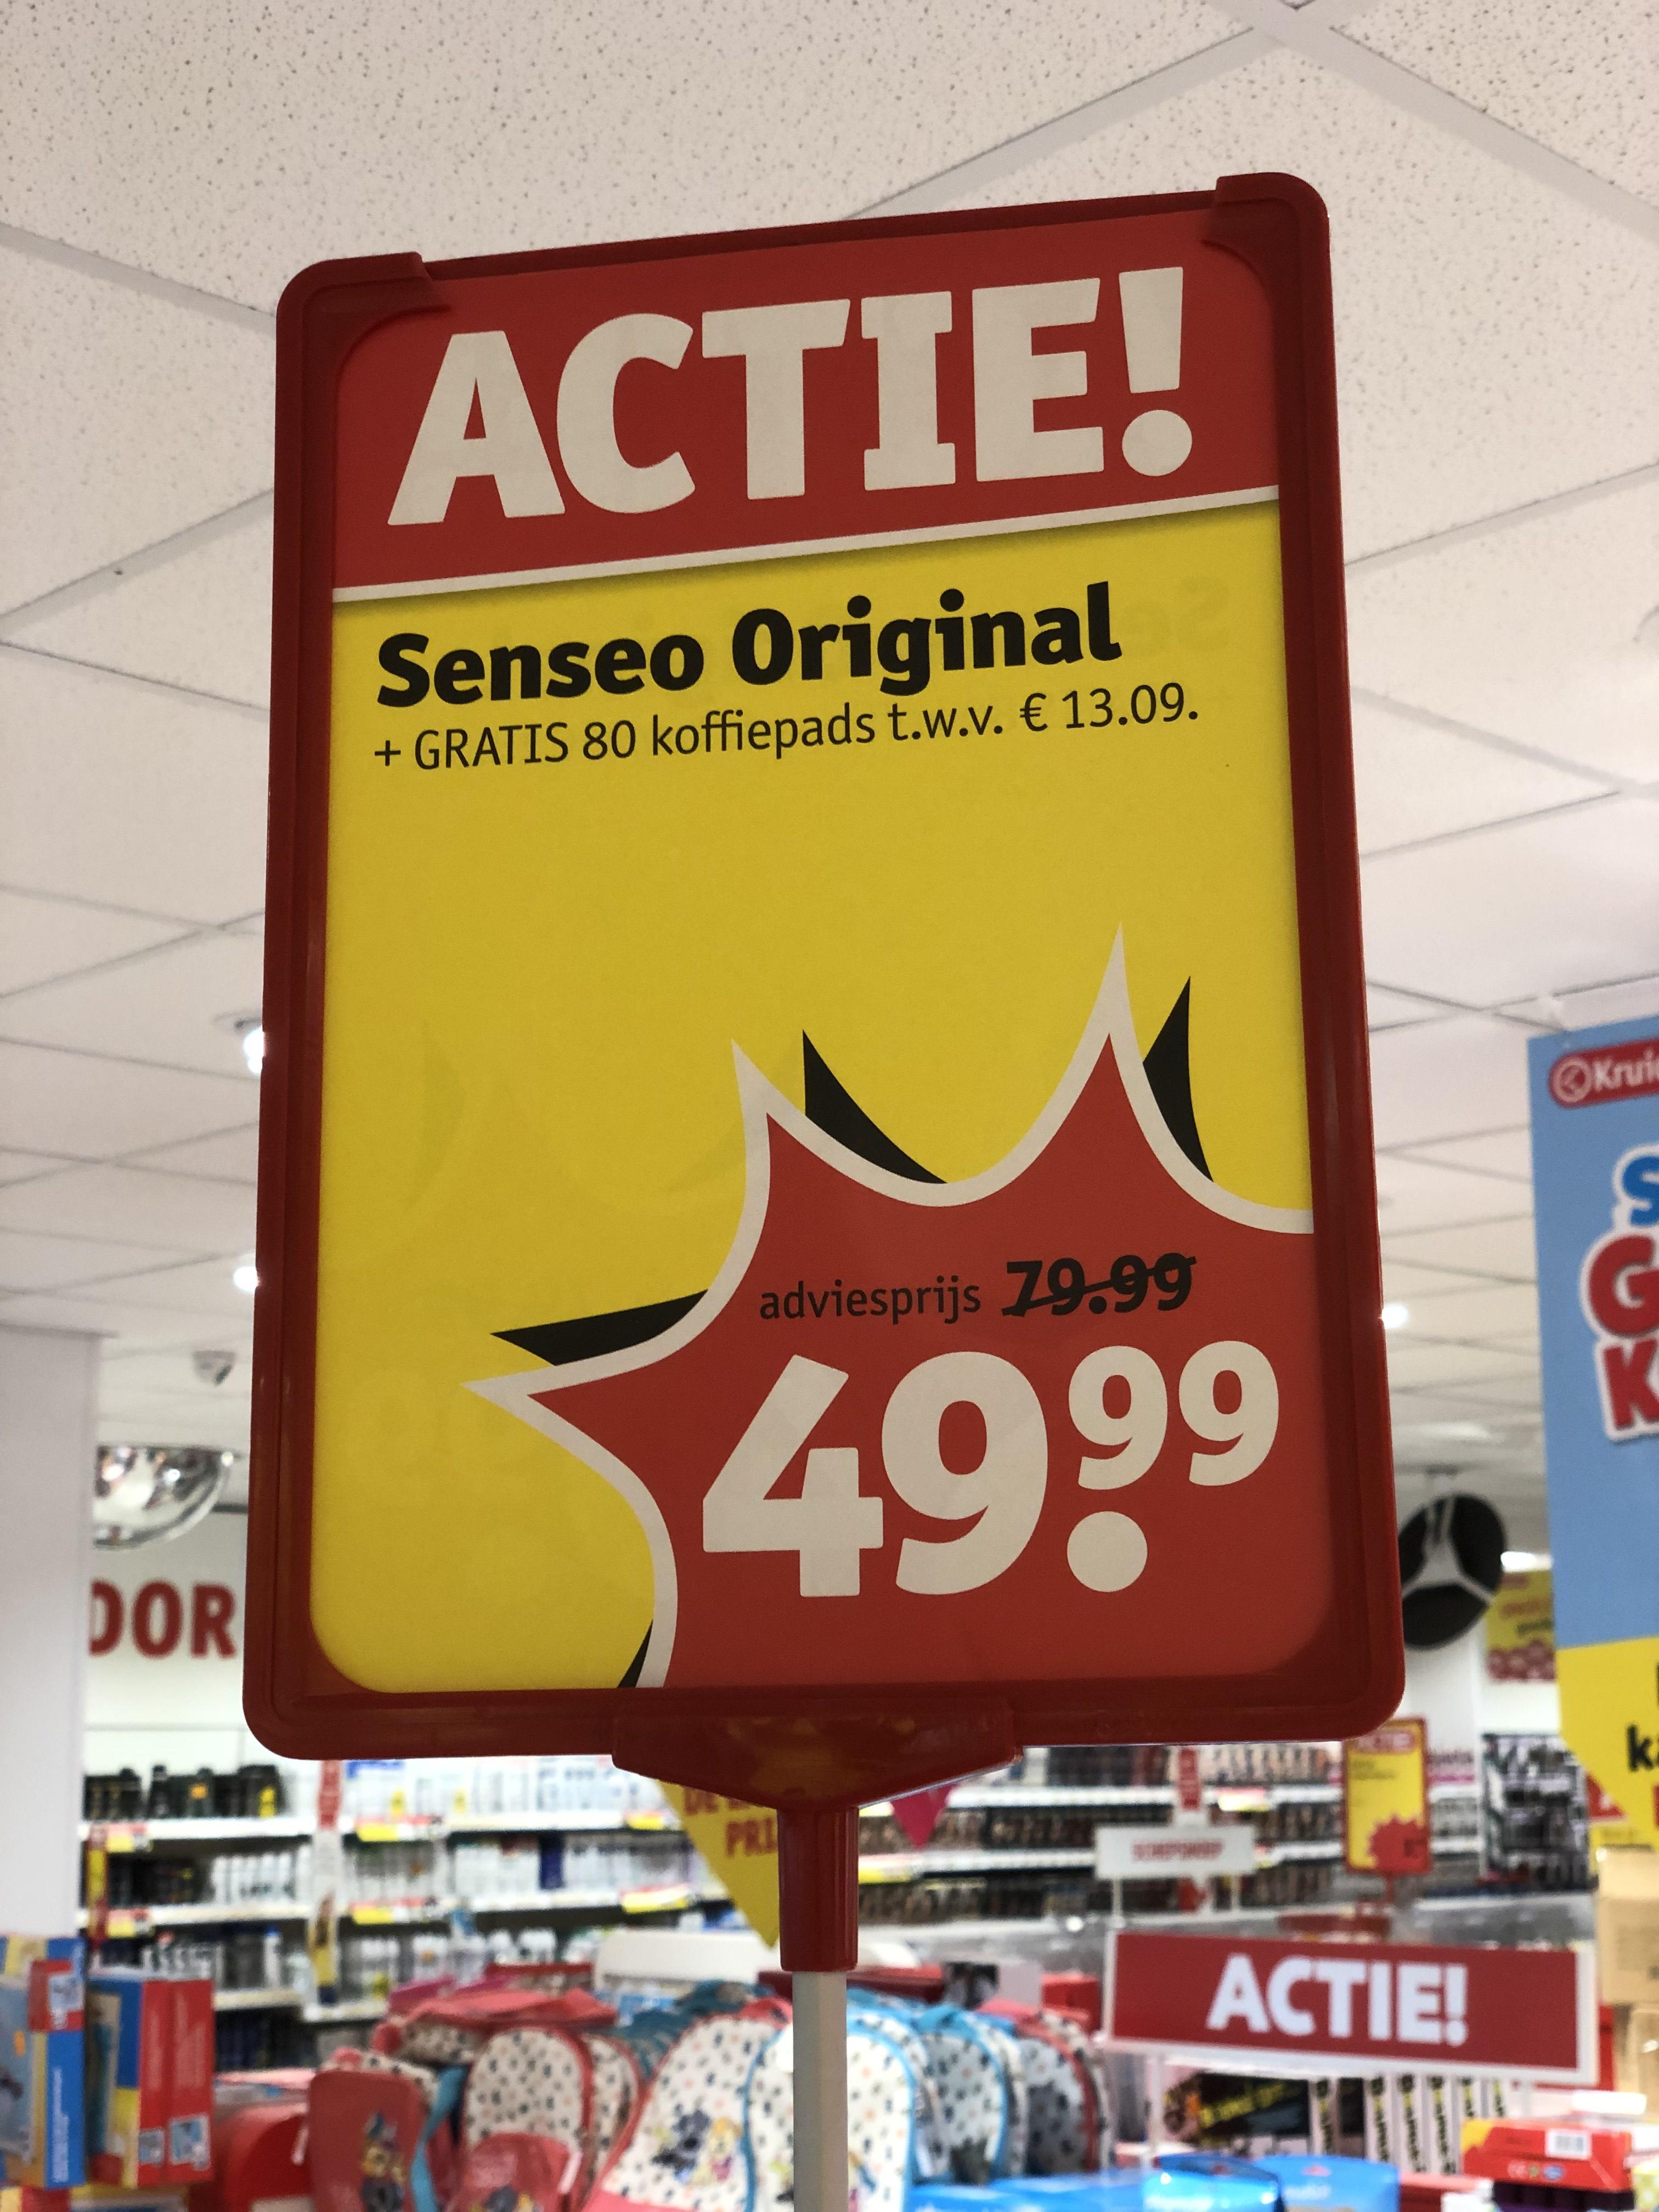 Local deal? Kruidvat: Philips Senseo Original  + gratis koffie - 80 pads